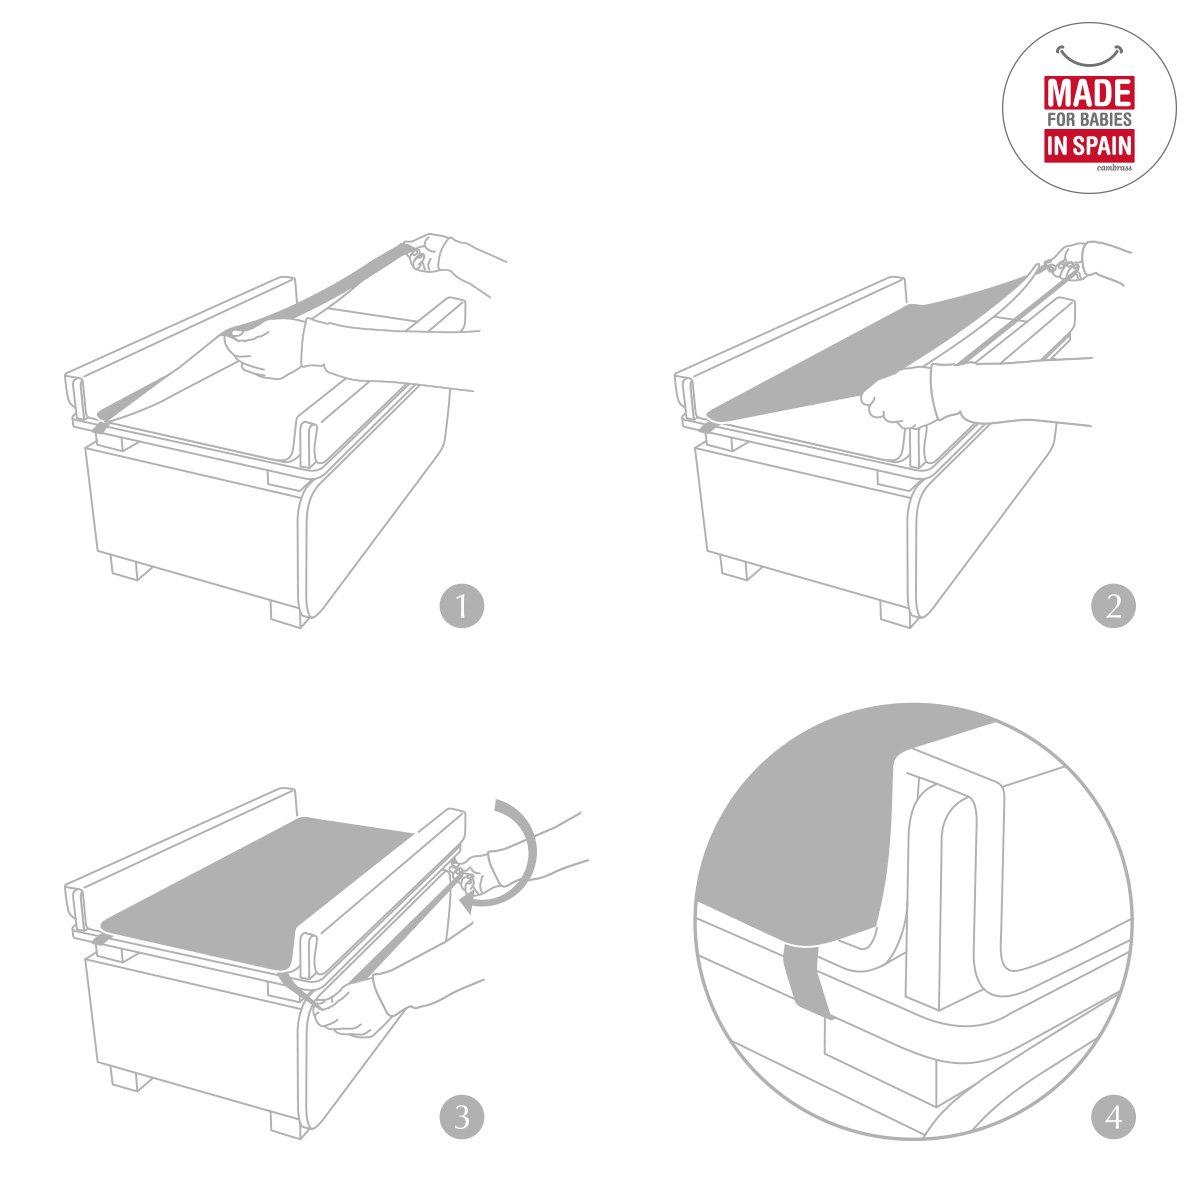 Cambrass Liso E 82 x 37 cm Protector cambiador ba/ñera color blanco